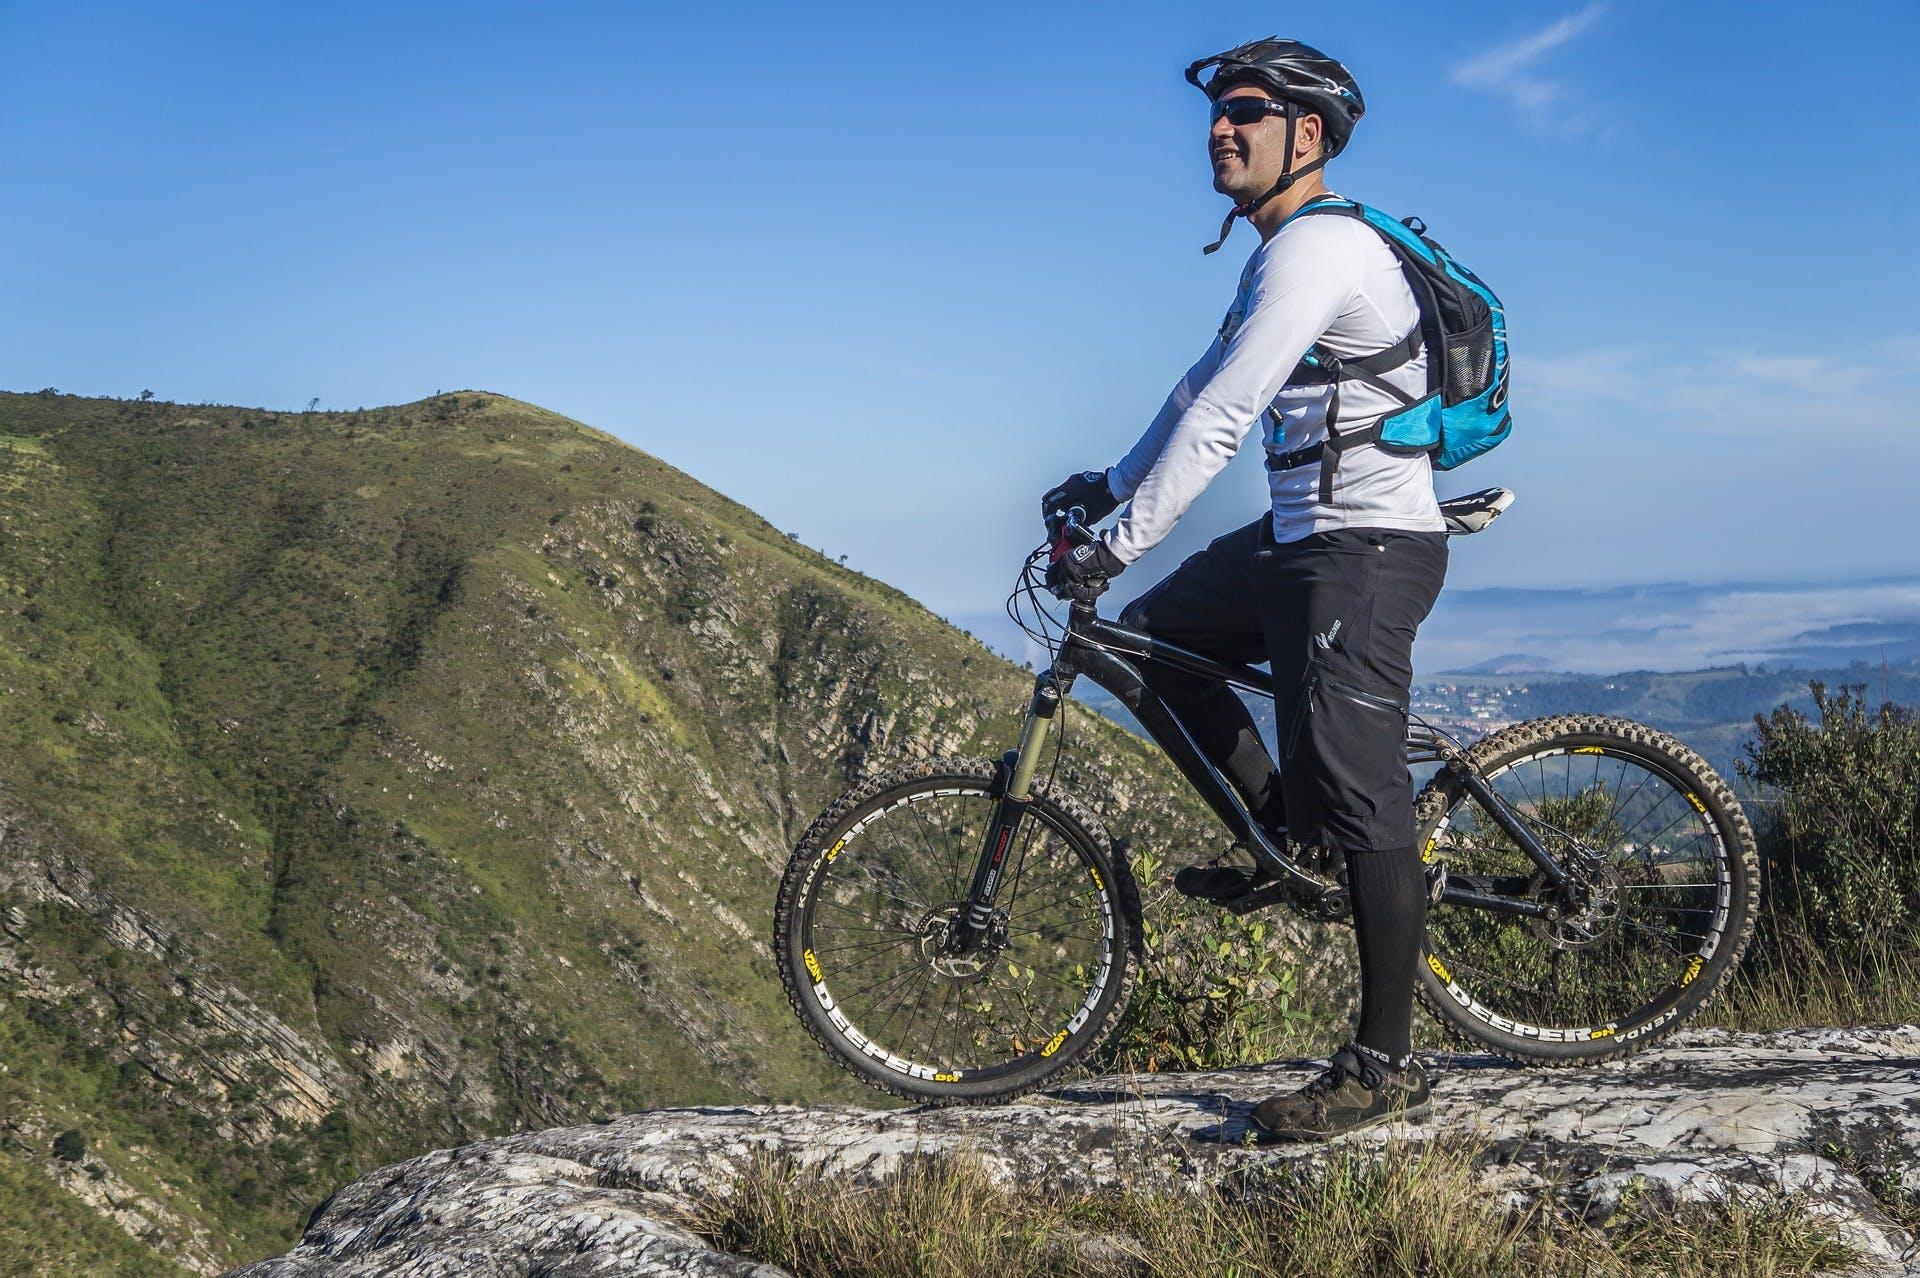 Roupas para ciclismo: conheça os tipos, suas vantagens e outras dicas